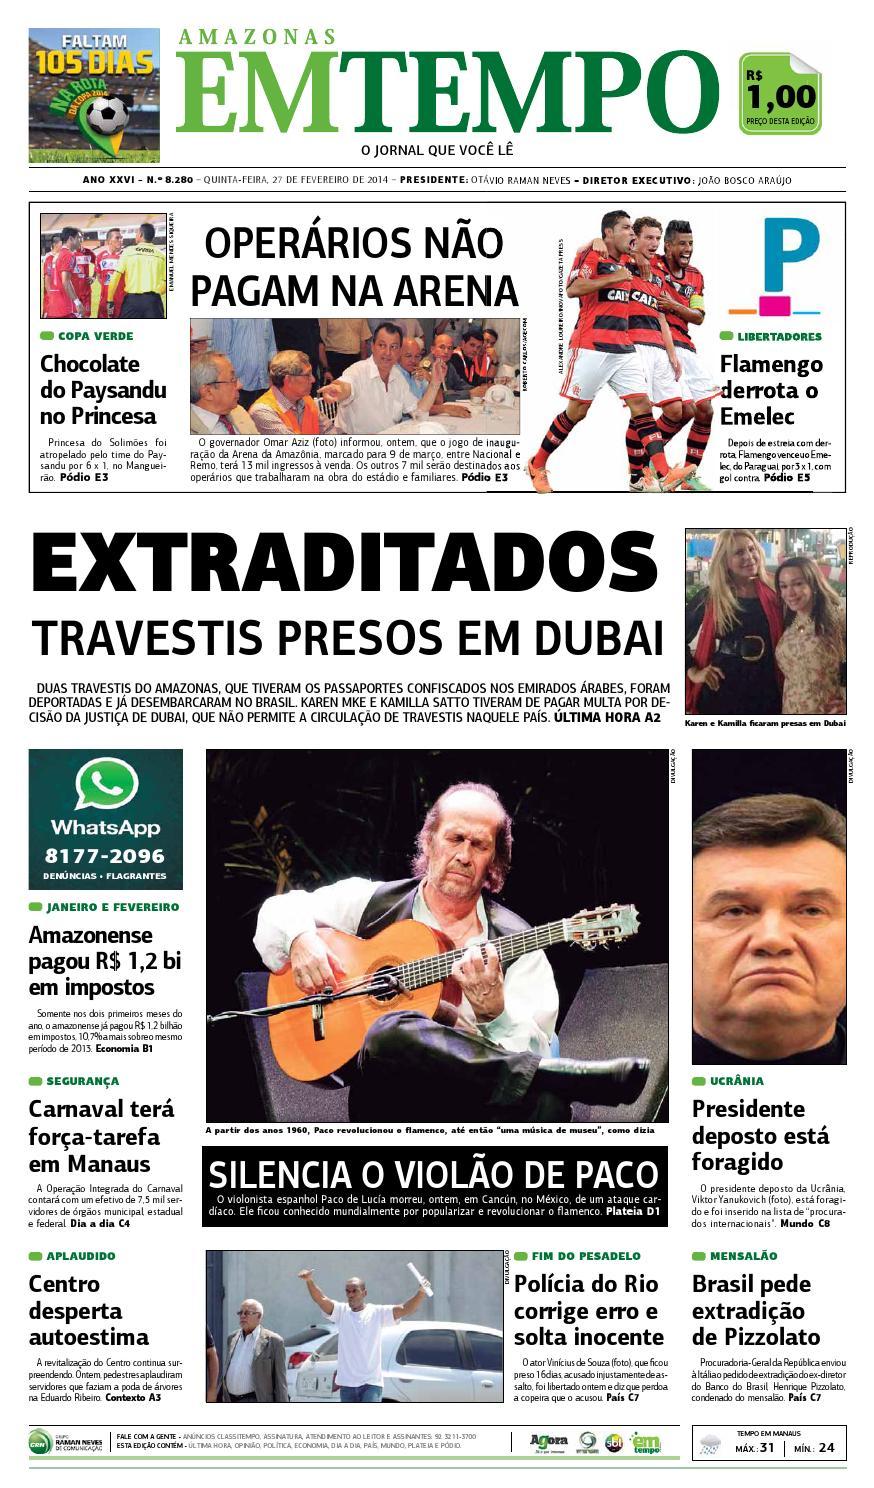 EM TEMPO - 27 de fevereiro de 2014 by Amazonas Em Tempo - issuu 3878fced261f4